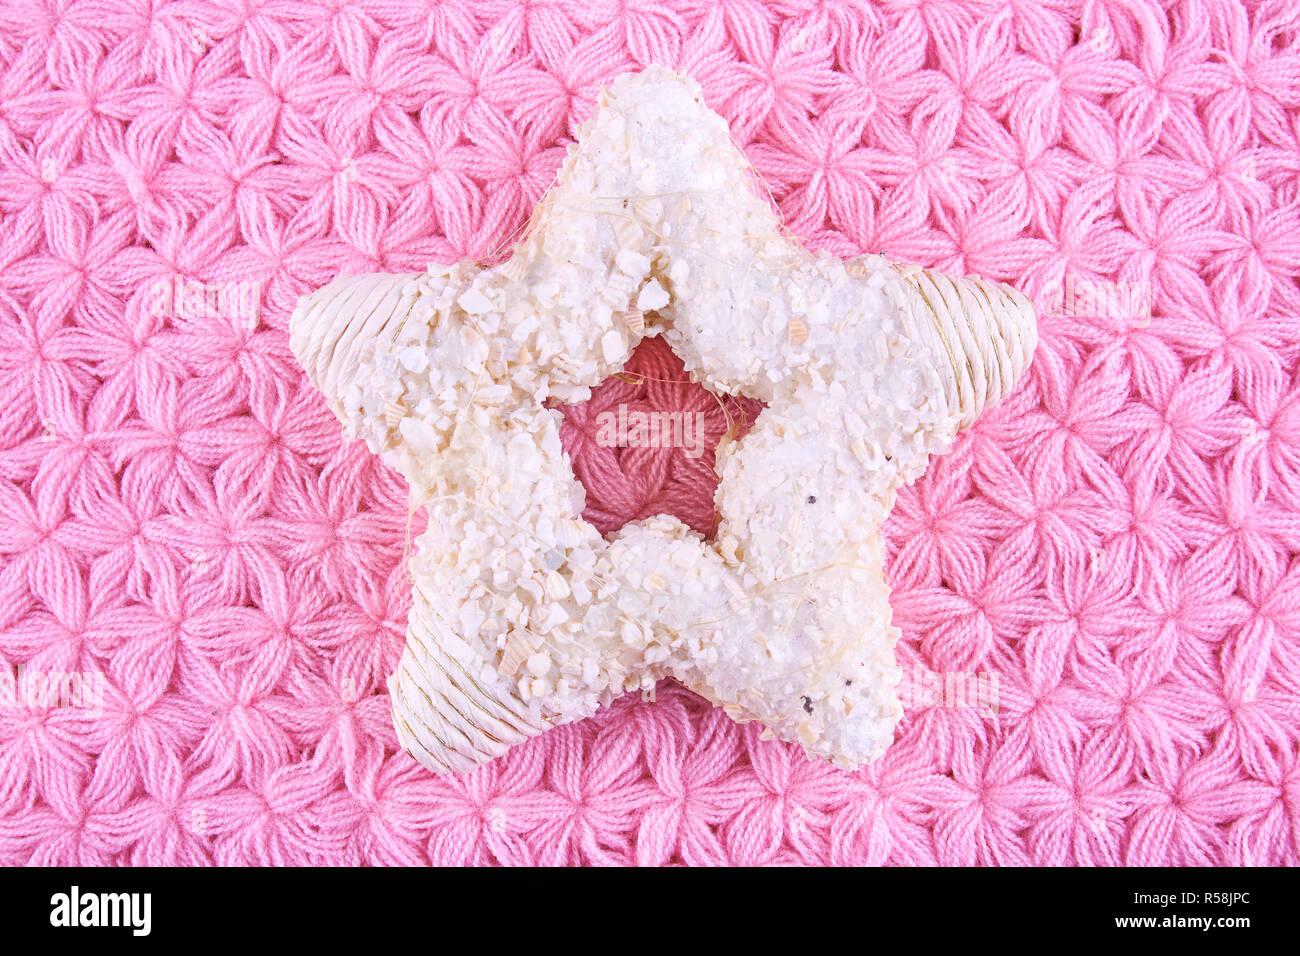 Tovaglioli A Forma Di Stella Di Natale.A Forma Di Stella Decorazione Per Albero Di Natale Sulla Maglia Rosa